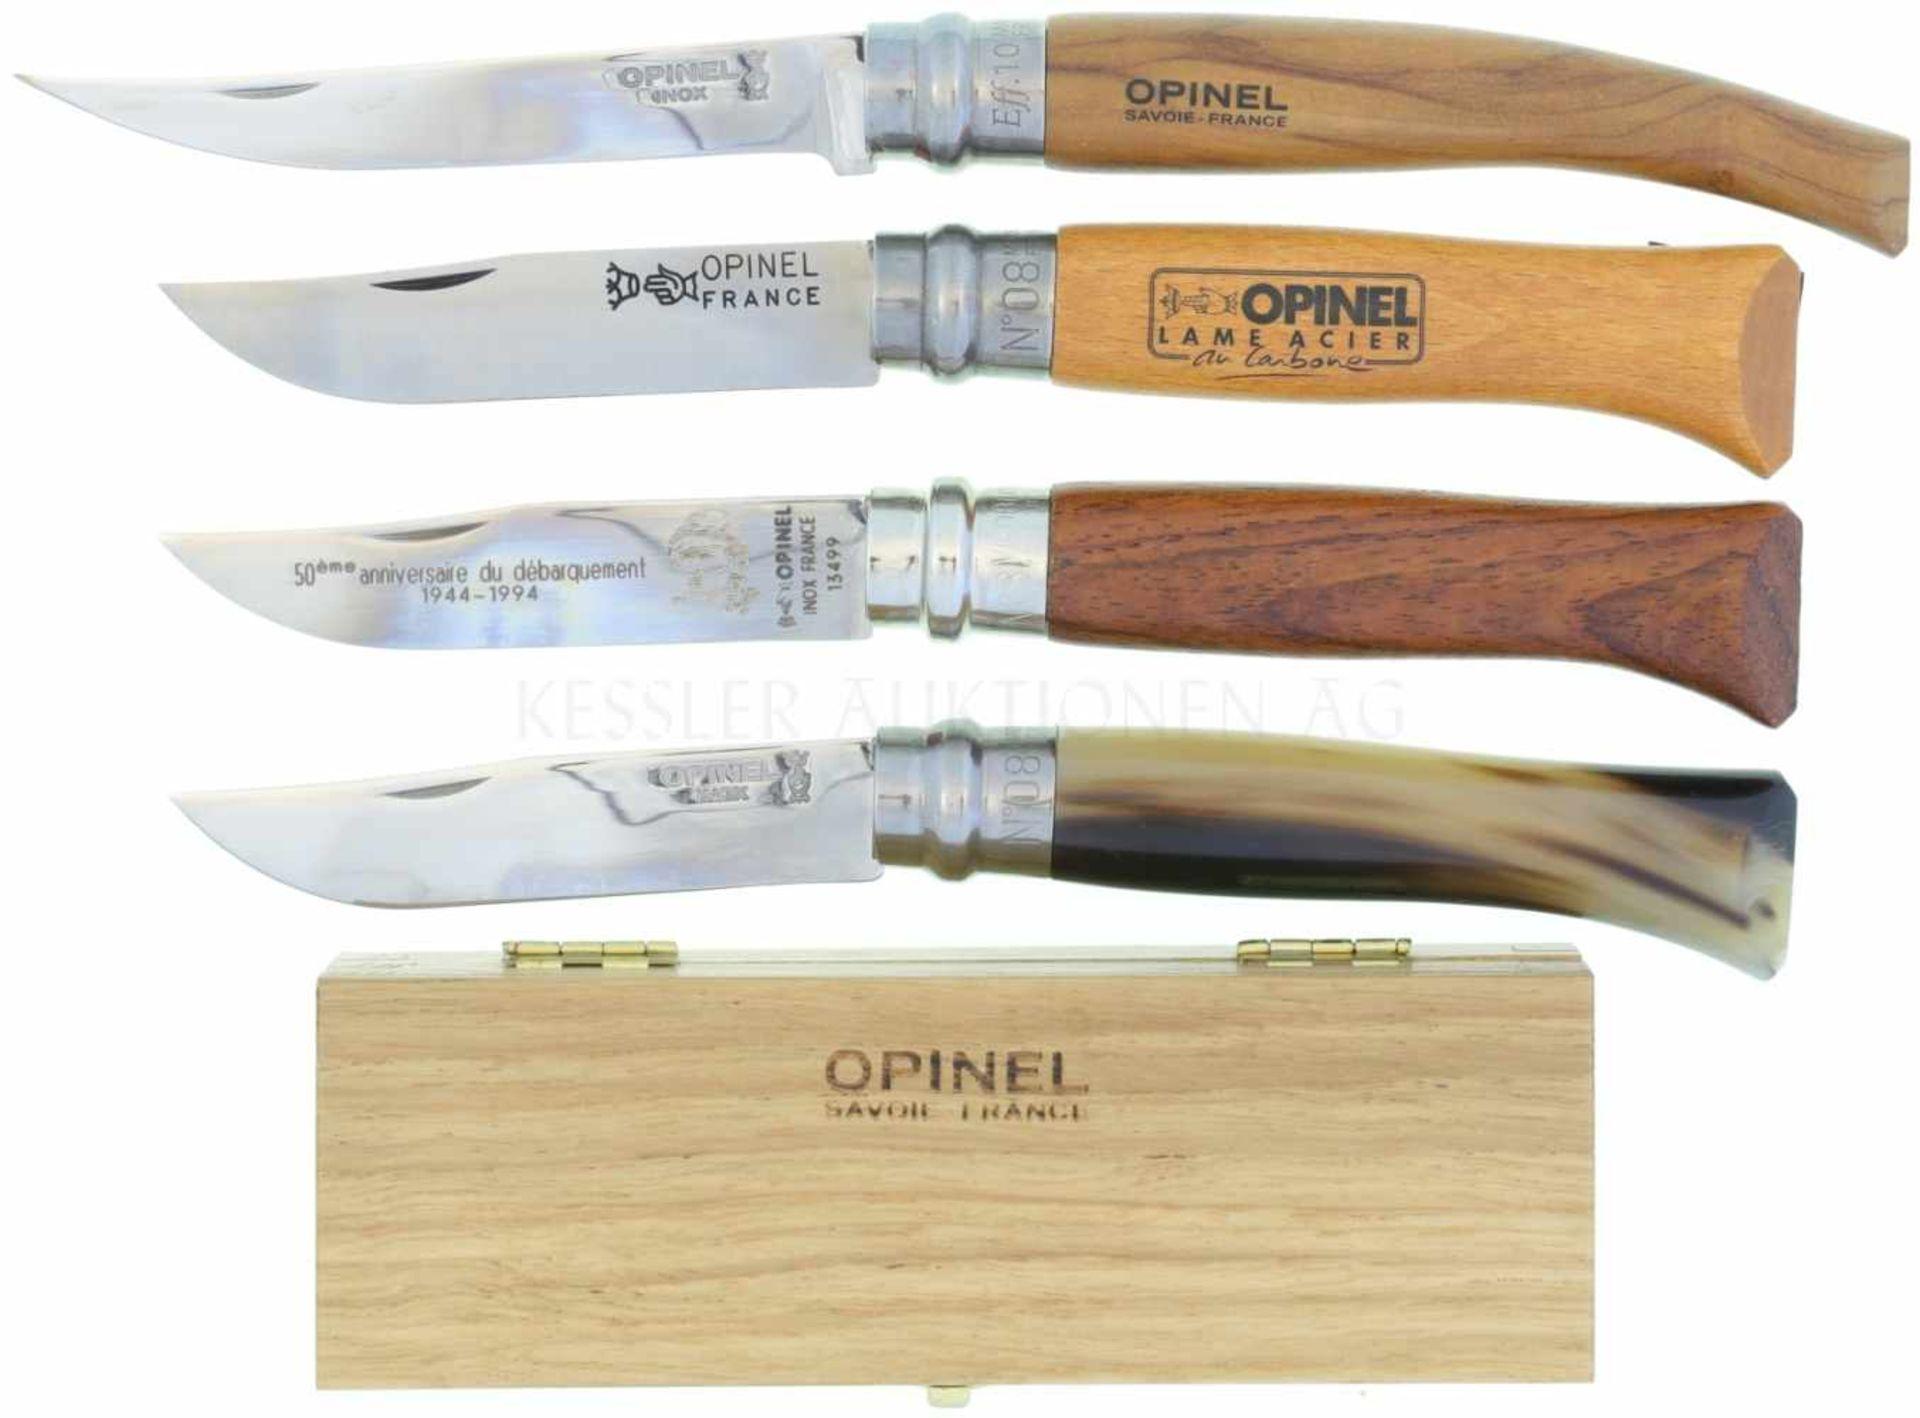 Konvolut von 4 Opinel-Messern 1. Grösse 8, Griff aus Horn, in hölzerner Präsentationsbox mit